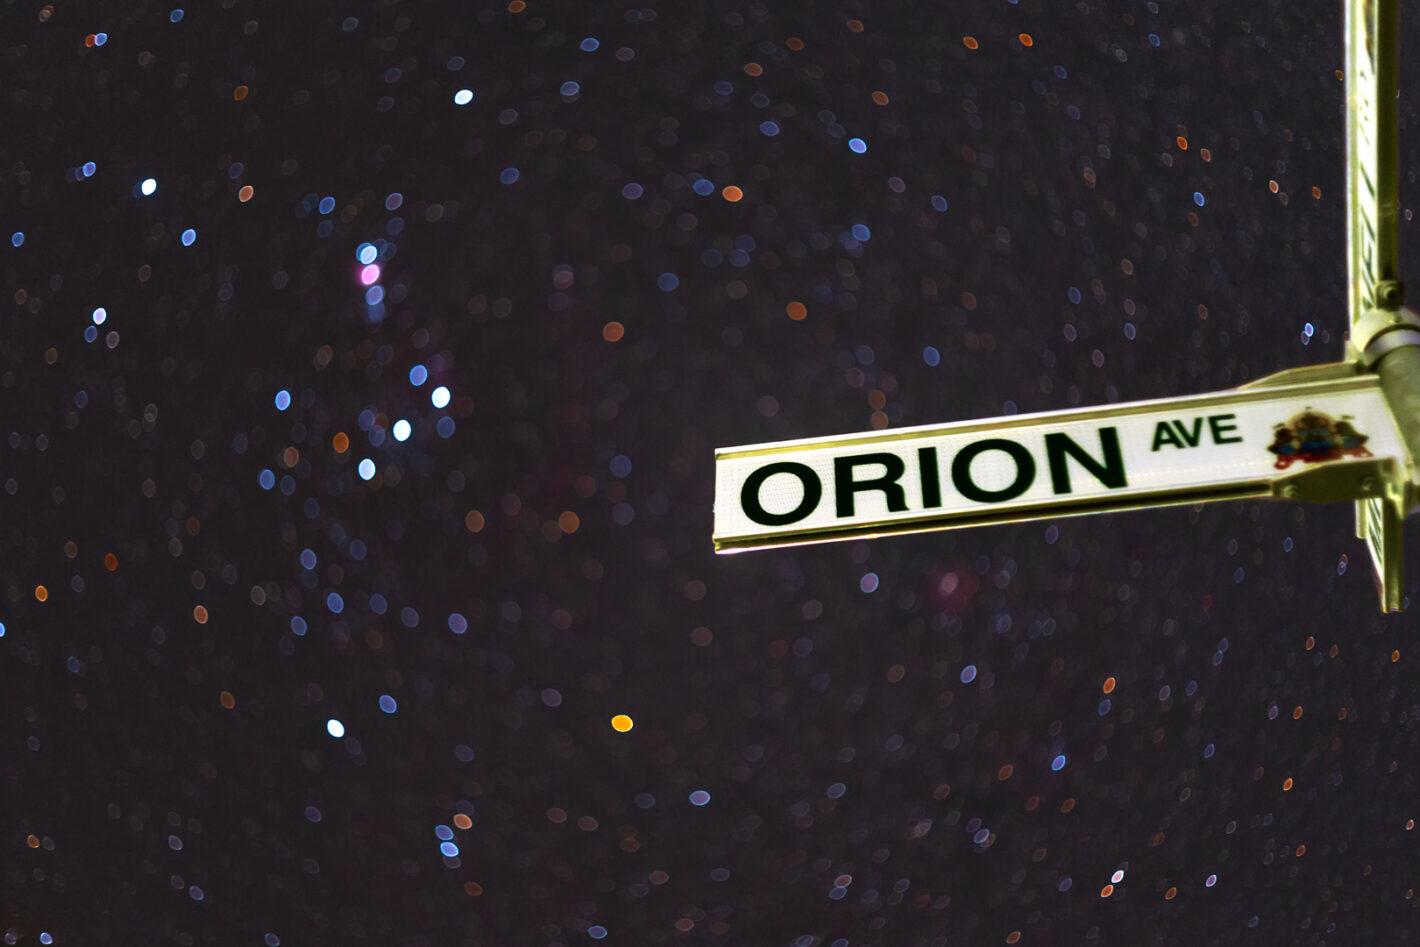 Clin d'Oeil du Jury - Orion Ave, McKail, Australia. Canon 6Da, 55mm, 8sec, 1 picture, 3200 iso, f2